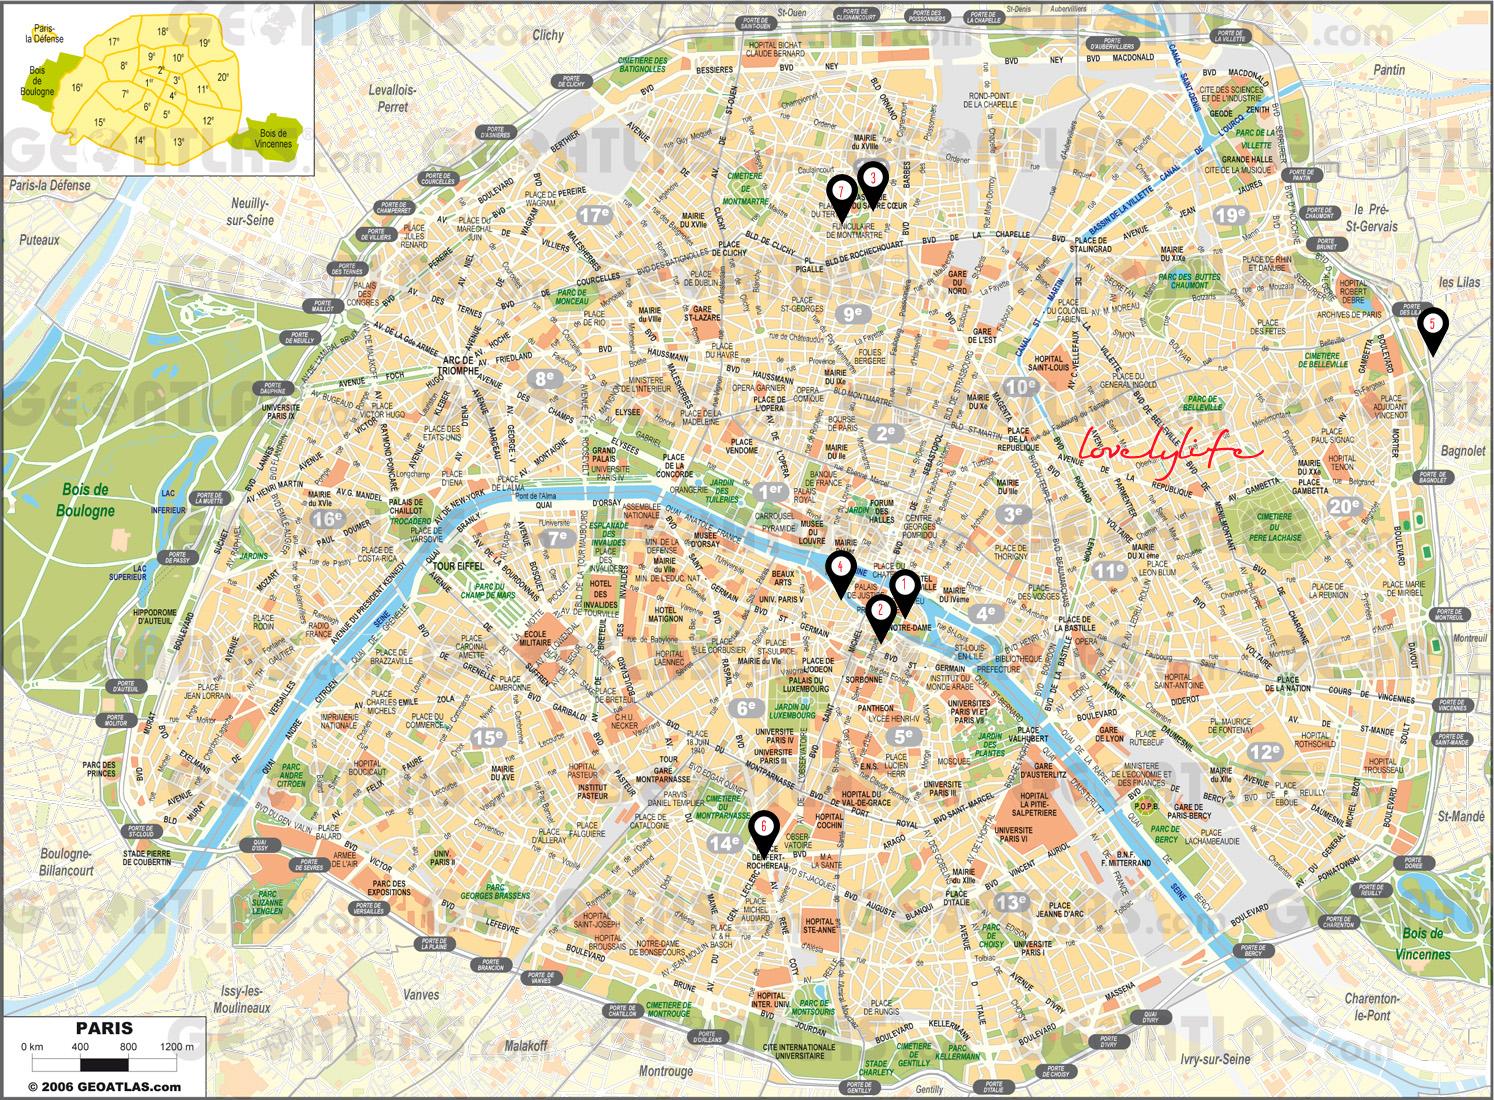 París: capital y ciudad de Francia